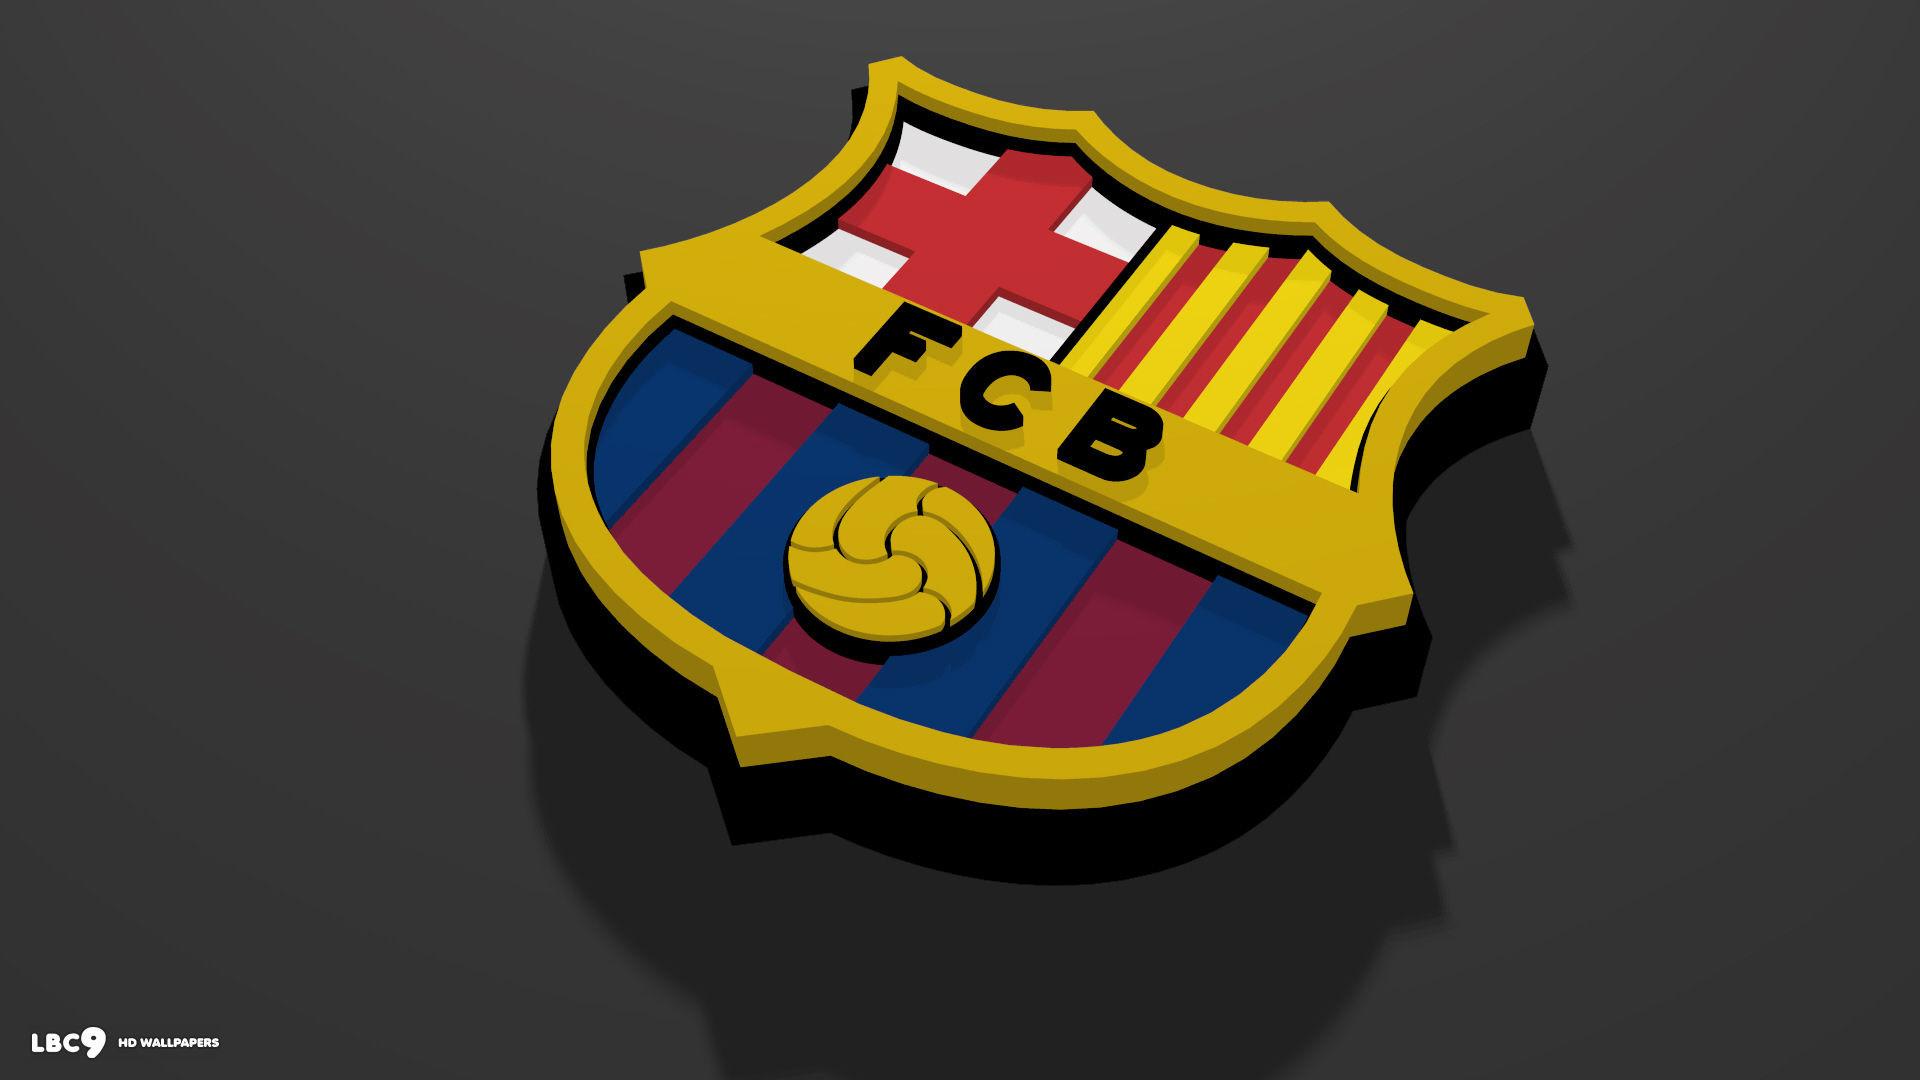 … 3d logo fc barcelona wallpaper 3997 wallpaper wallscreenart com …